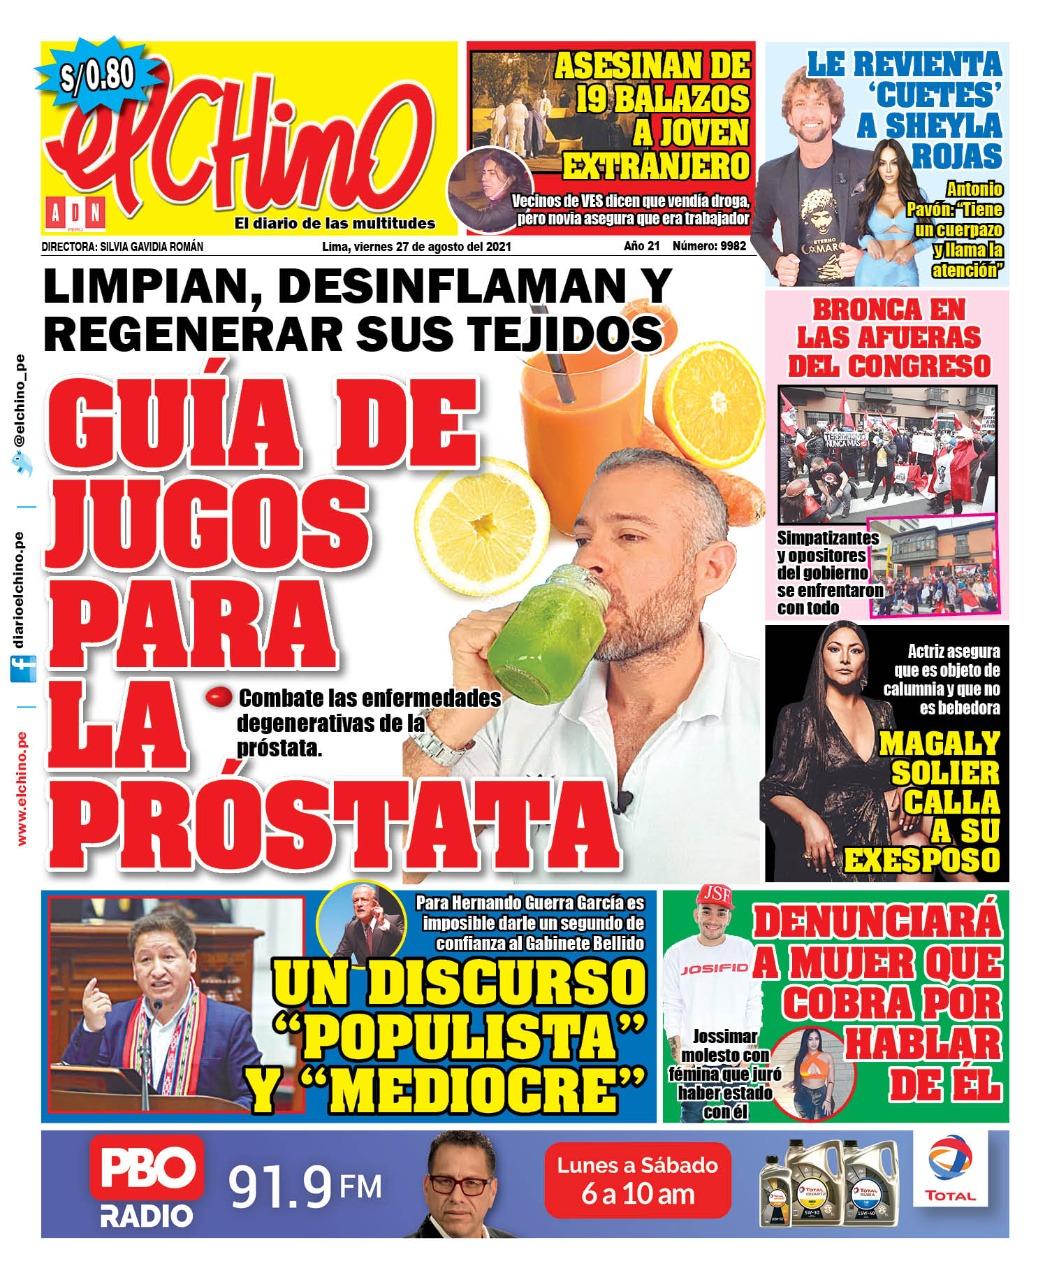 Portada impresa – Diario El Chino (27/08/2021)